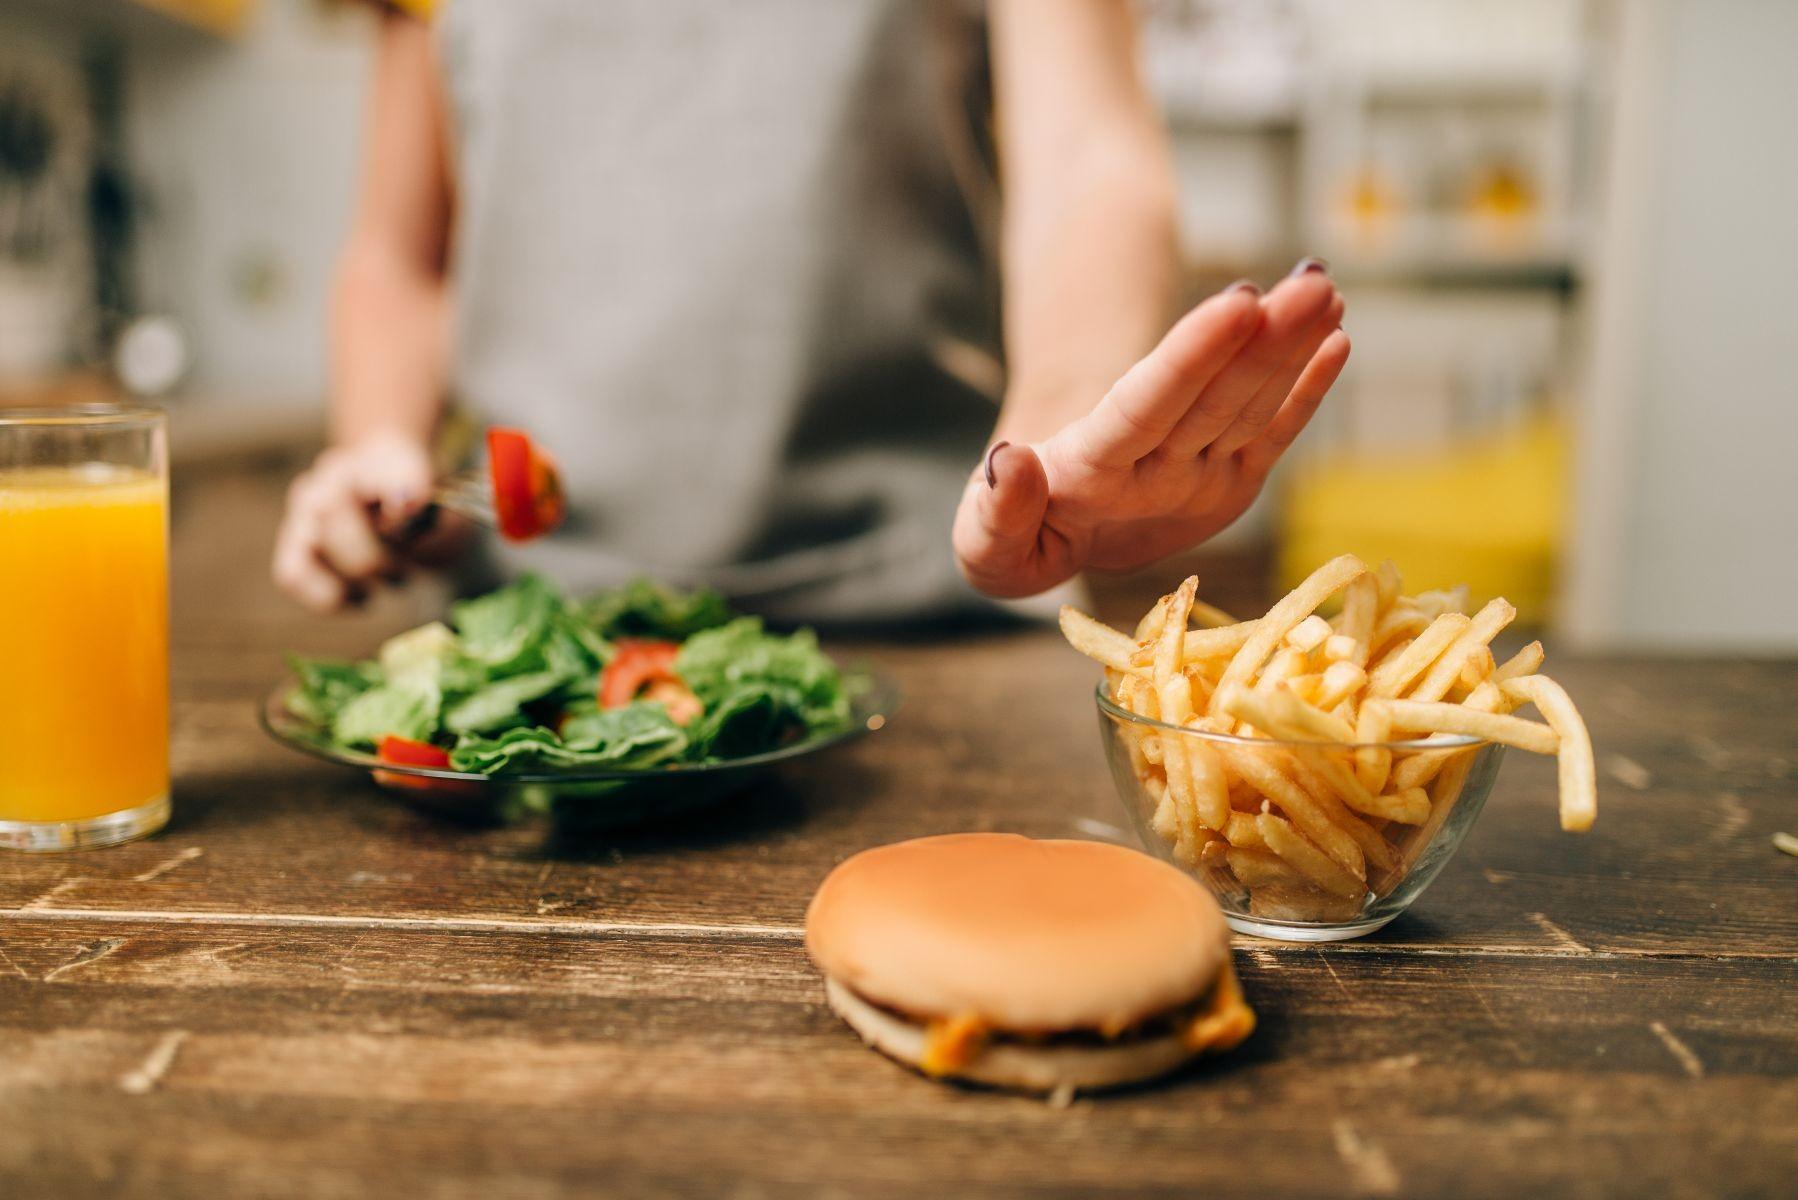 seleccionando alimentos saludables